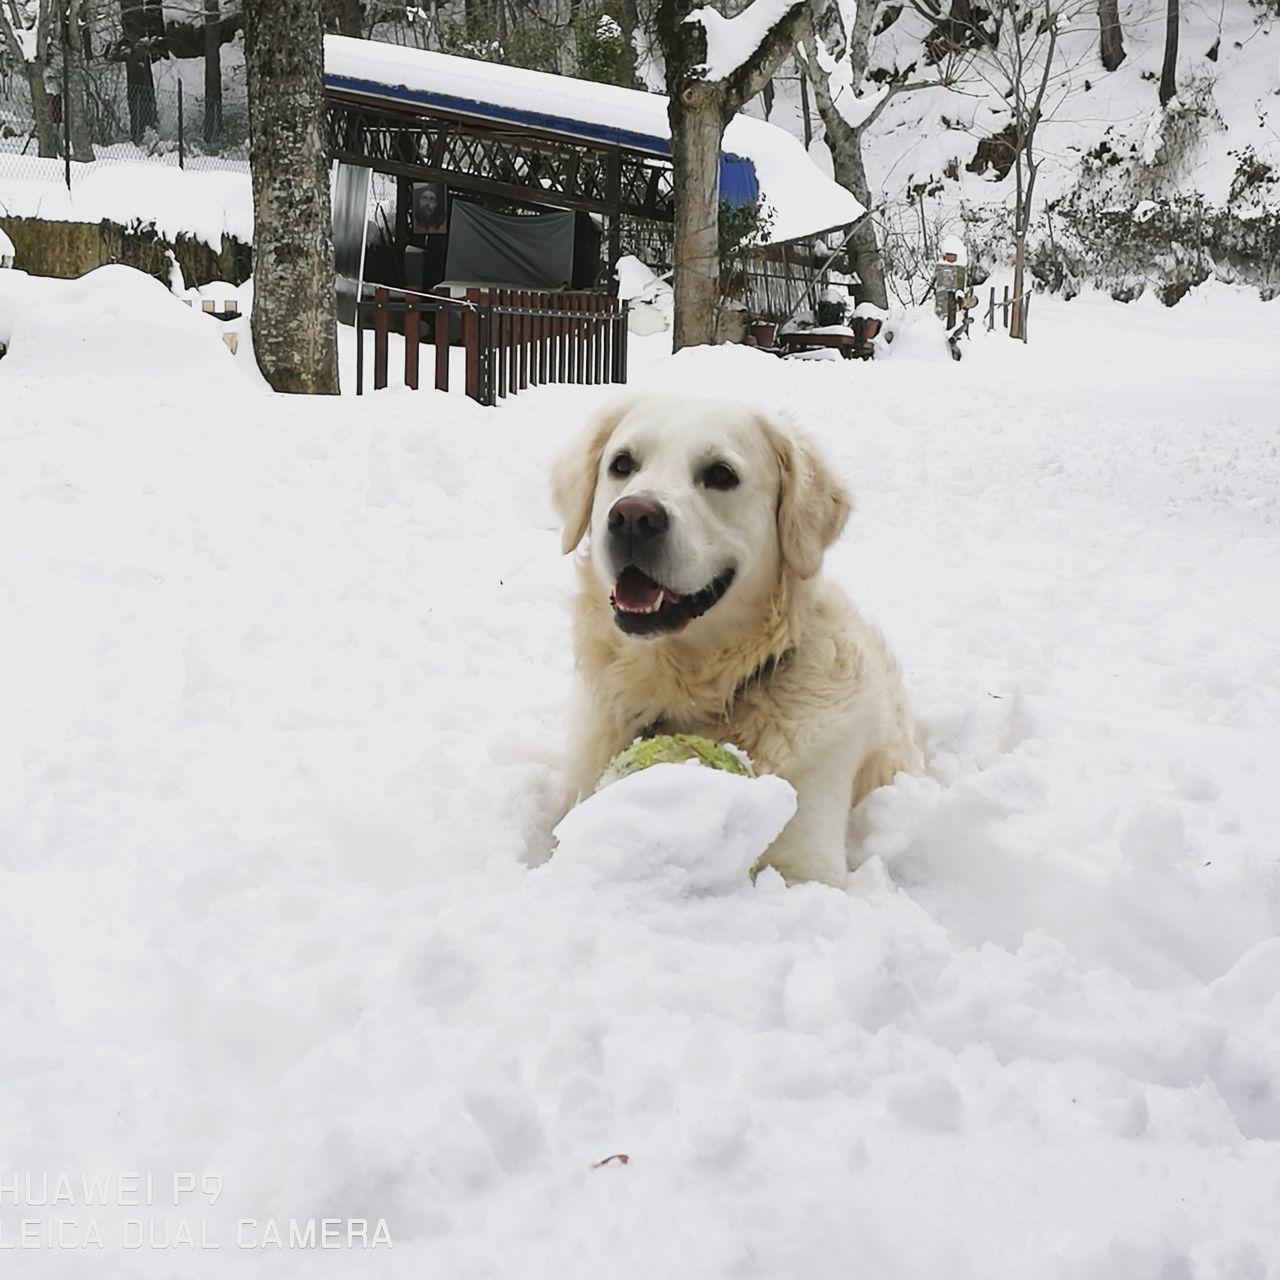 Snow Day Dogslife Mygolden Sempreingiro Sempreinsieme Premilcuore Happyday